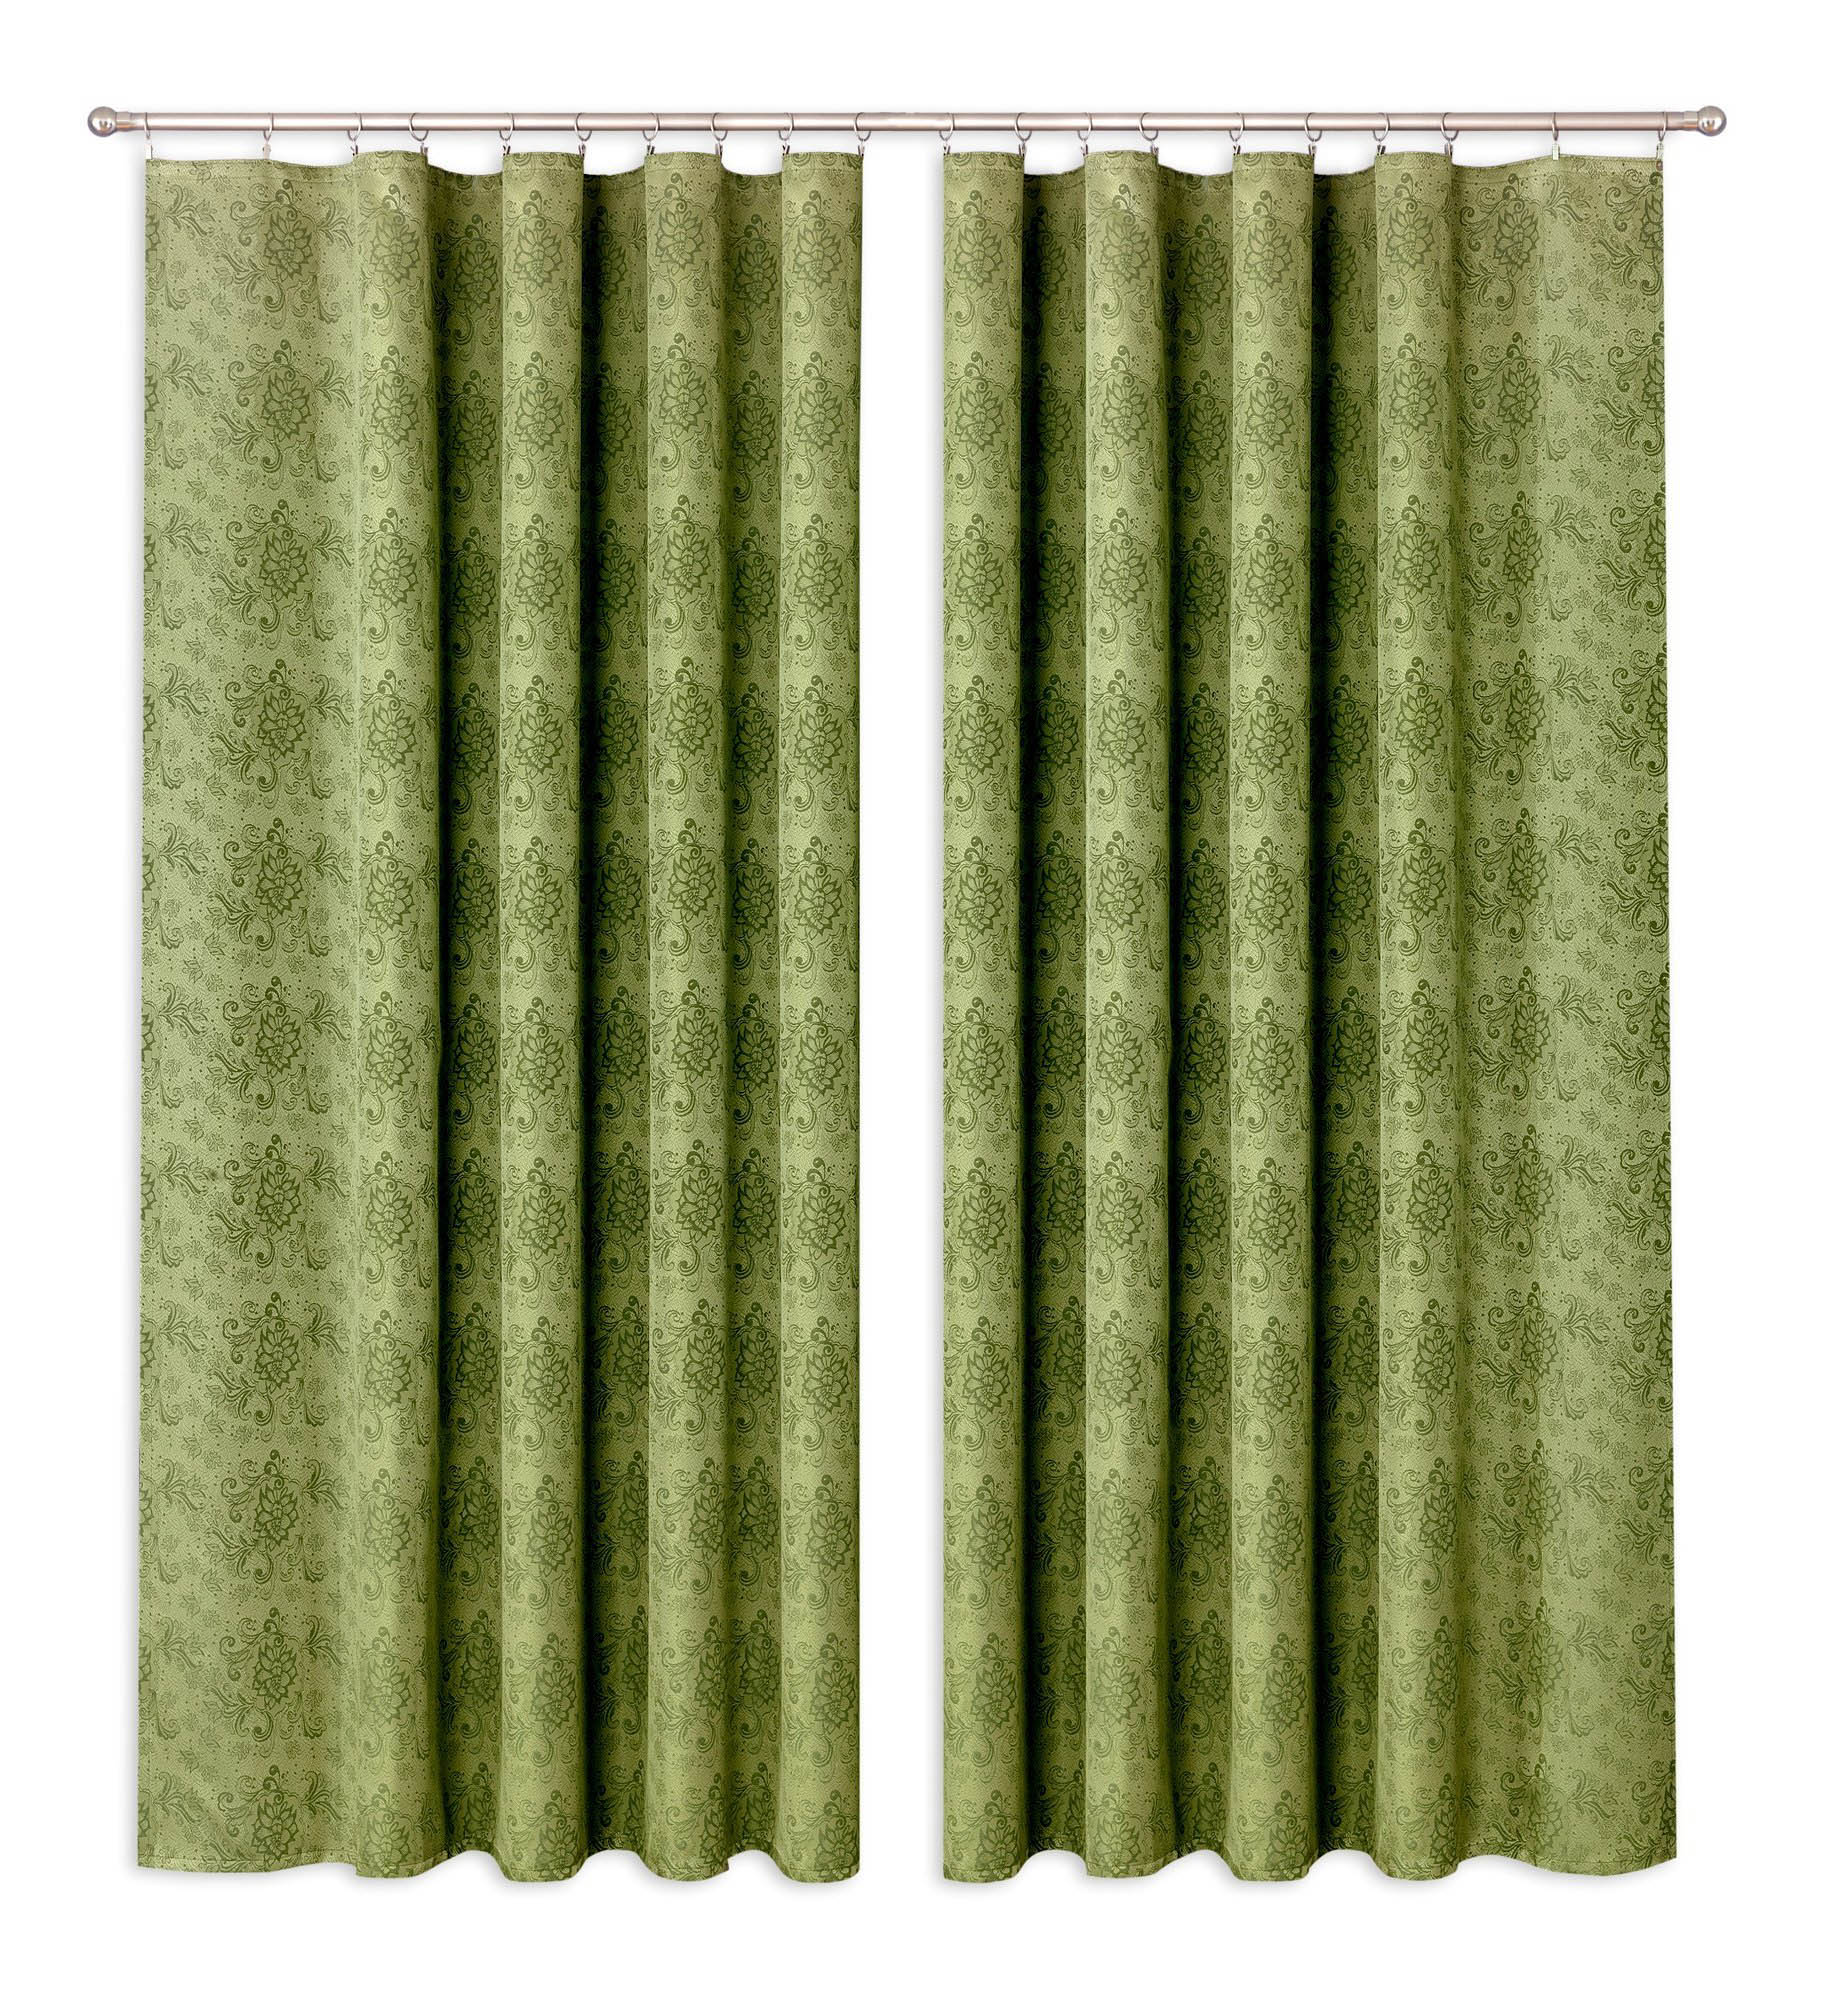 Шторы Primavera Классические шторы Mahalah Цвет: Зеленый шторы tac классические шторы winx цвет персиковый 200x265 см